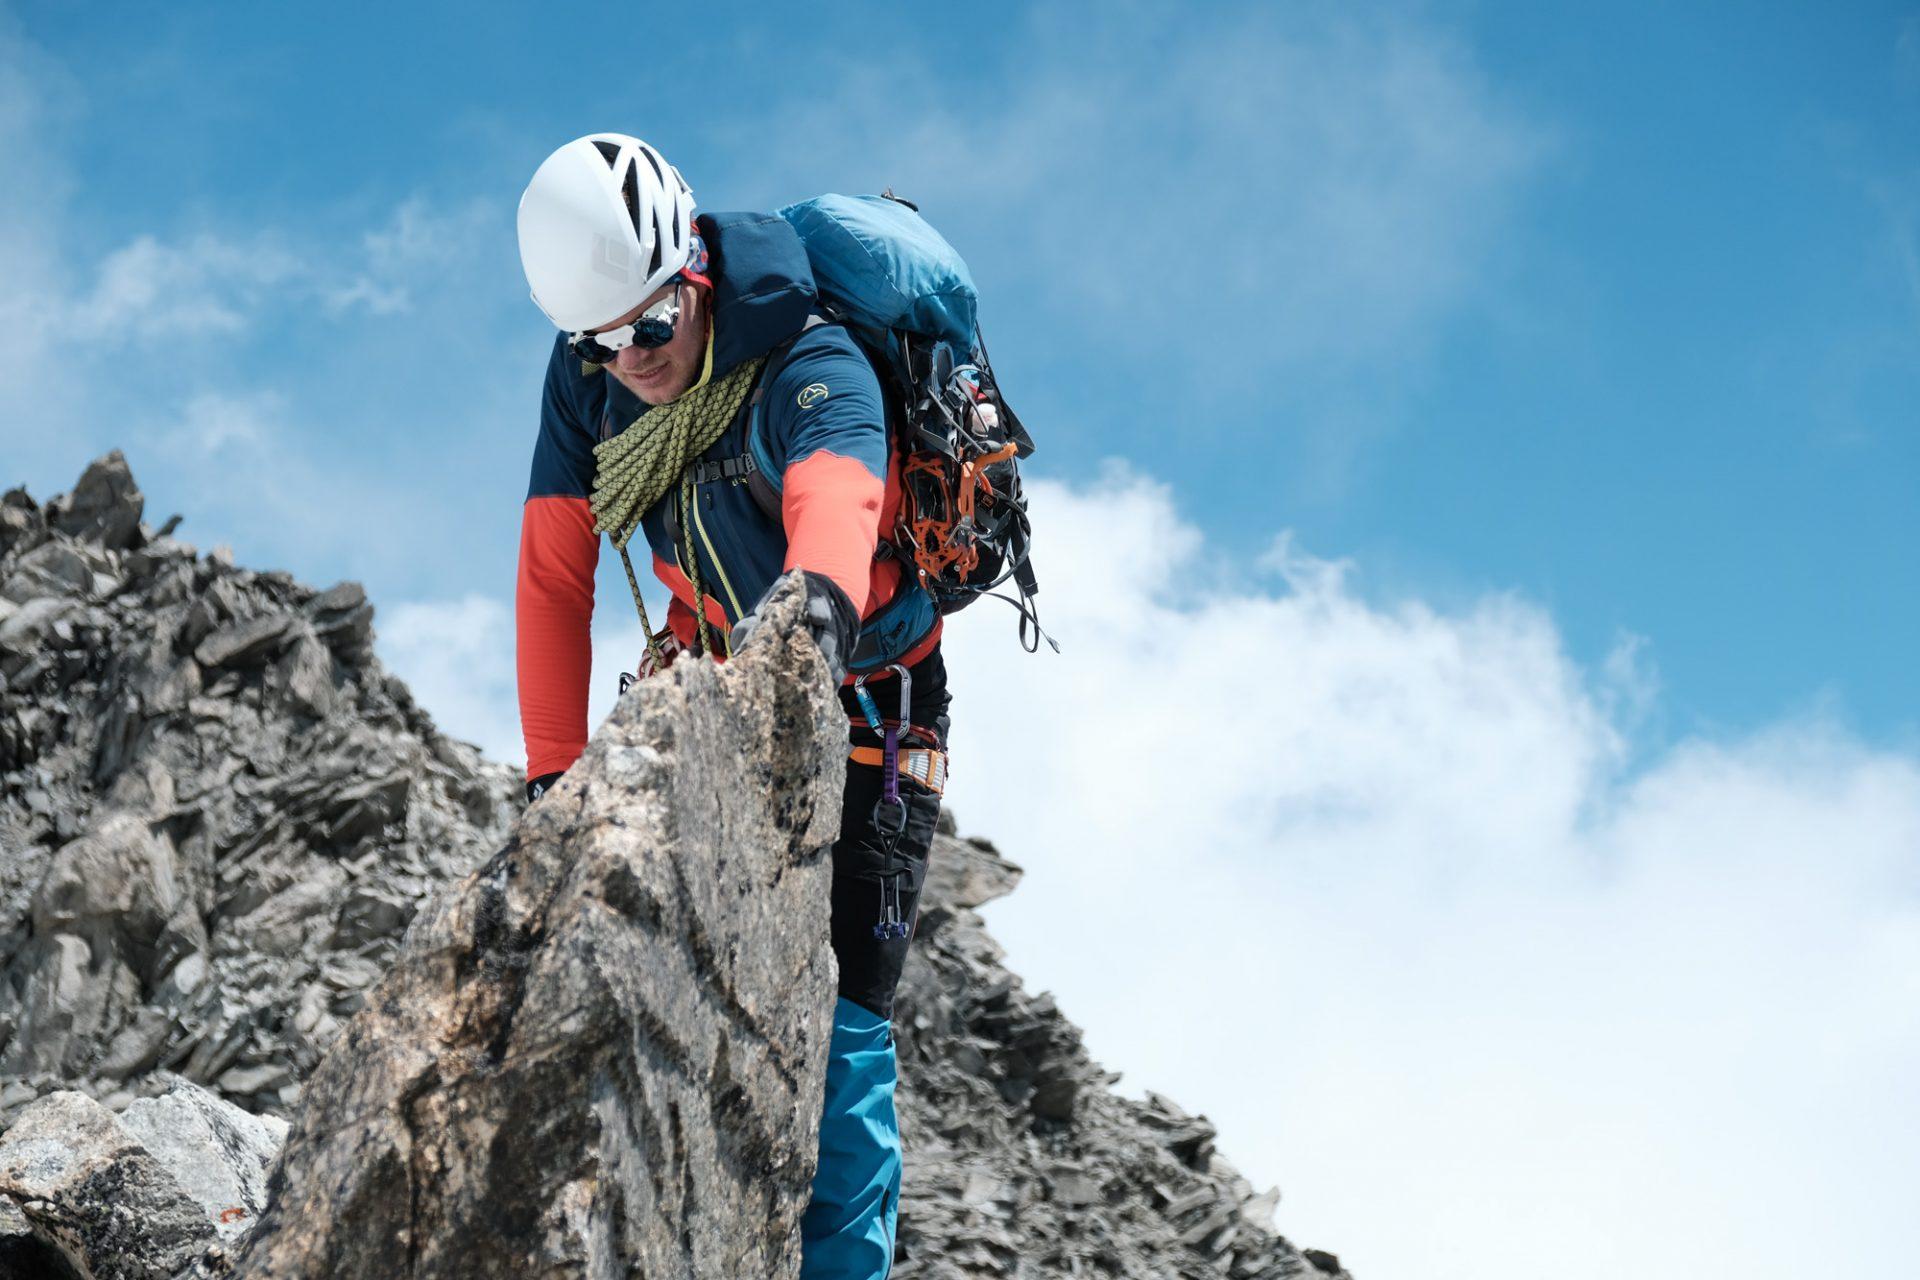 Westalpen Projekt Alpinist @MarkOberlechner I AVS